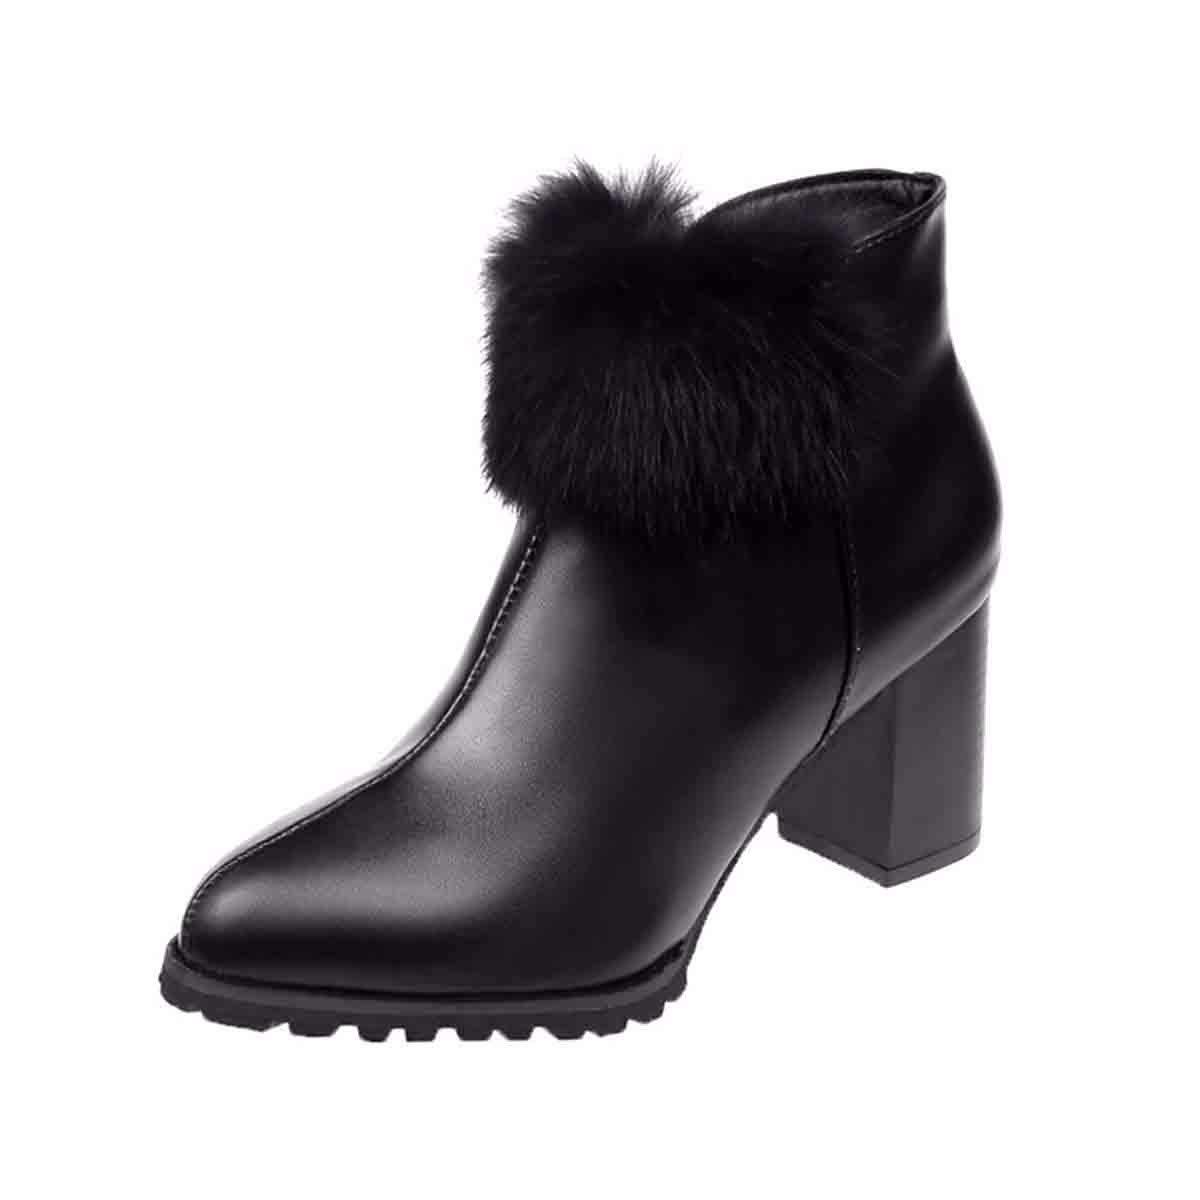 KOKQSX-Frauen - Stiefel modischen Stil warm hochhackige Stiefel nackt - - - Stiefel 6bd2da